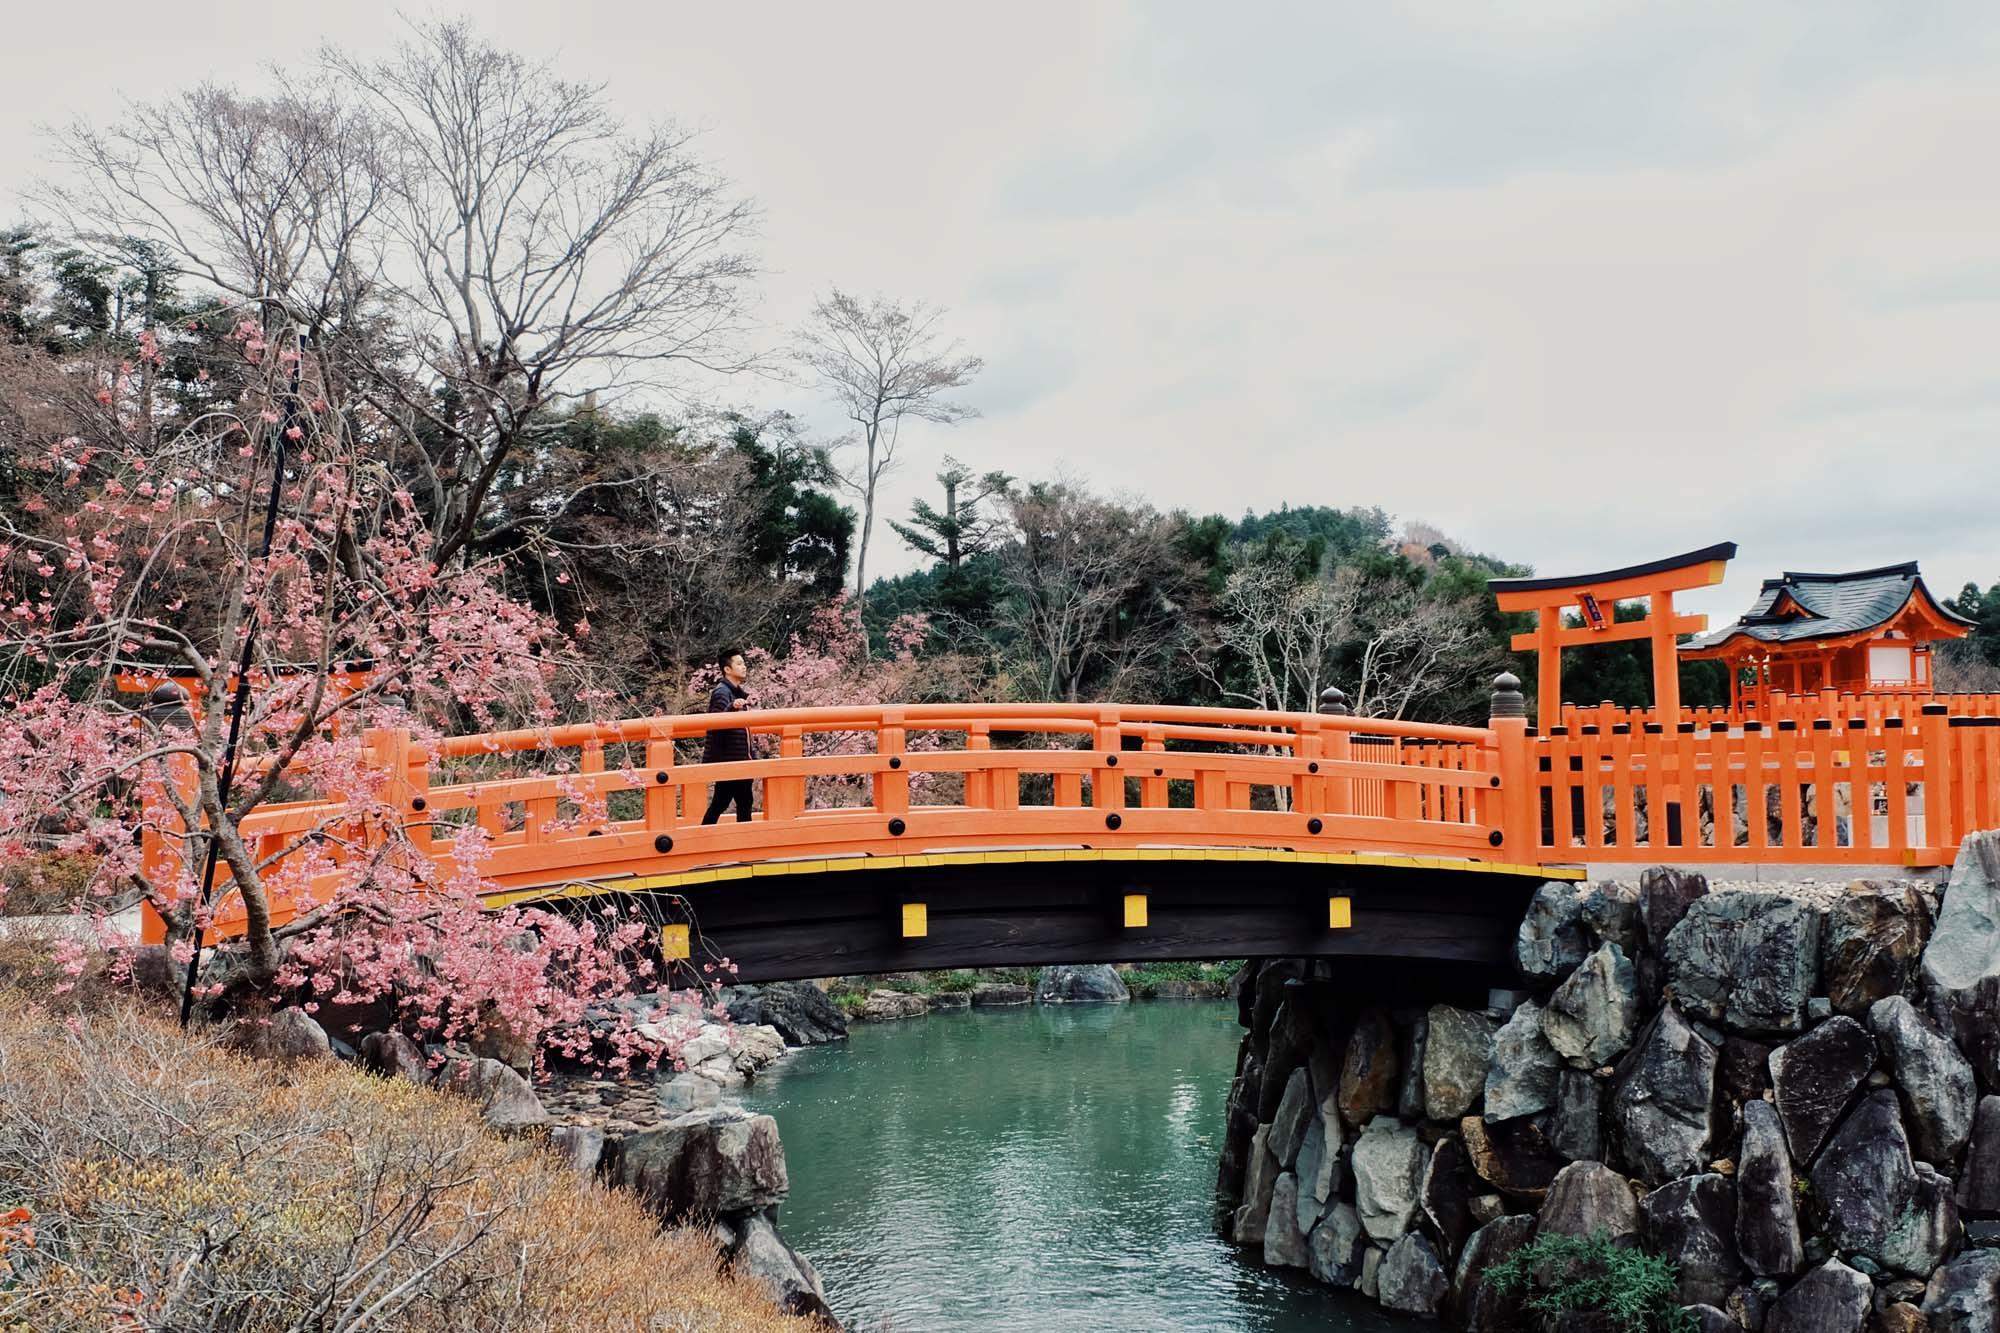 Ghé Nhật Bản thăm ngôi chùa chứa hàng nghìn búp bê Daruma